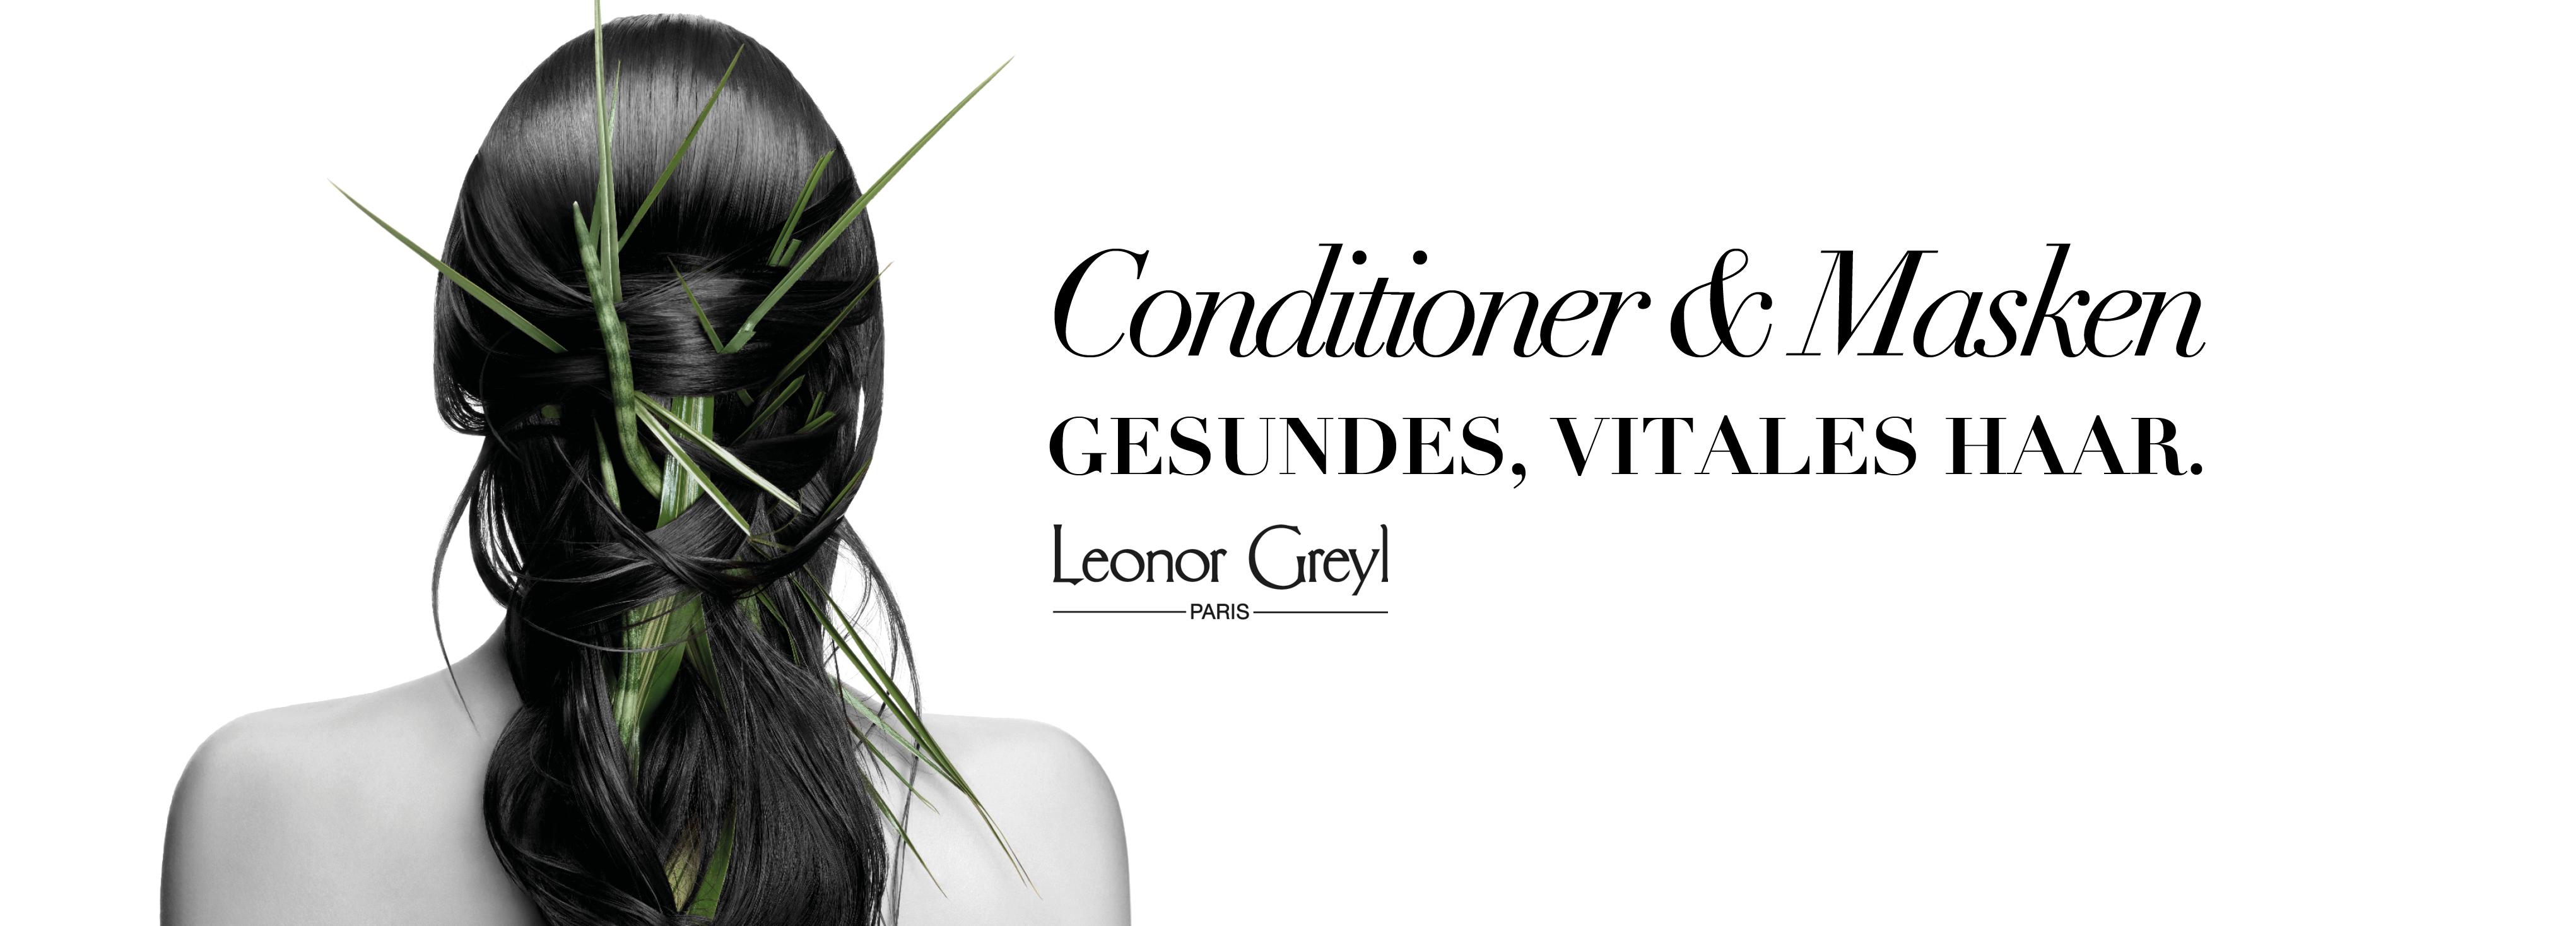 Leonor Greyl Conditioner & Masken